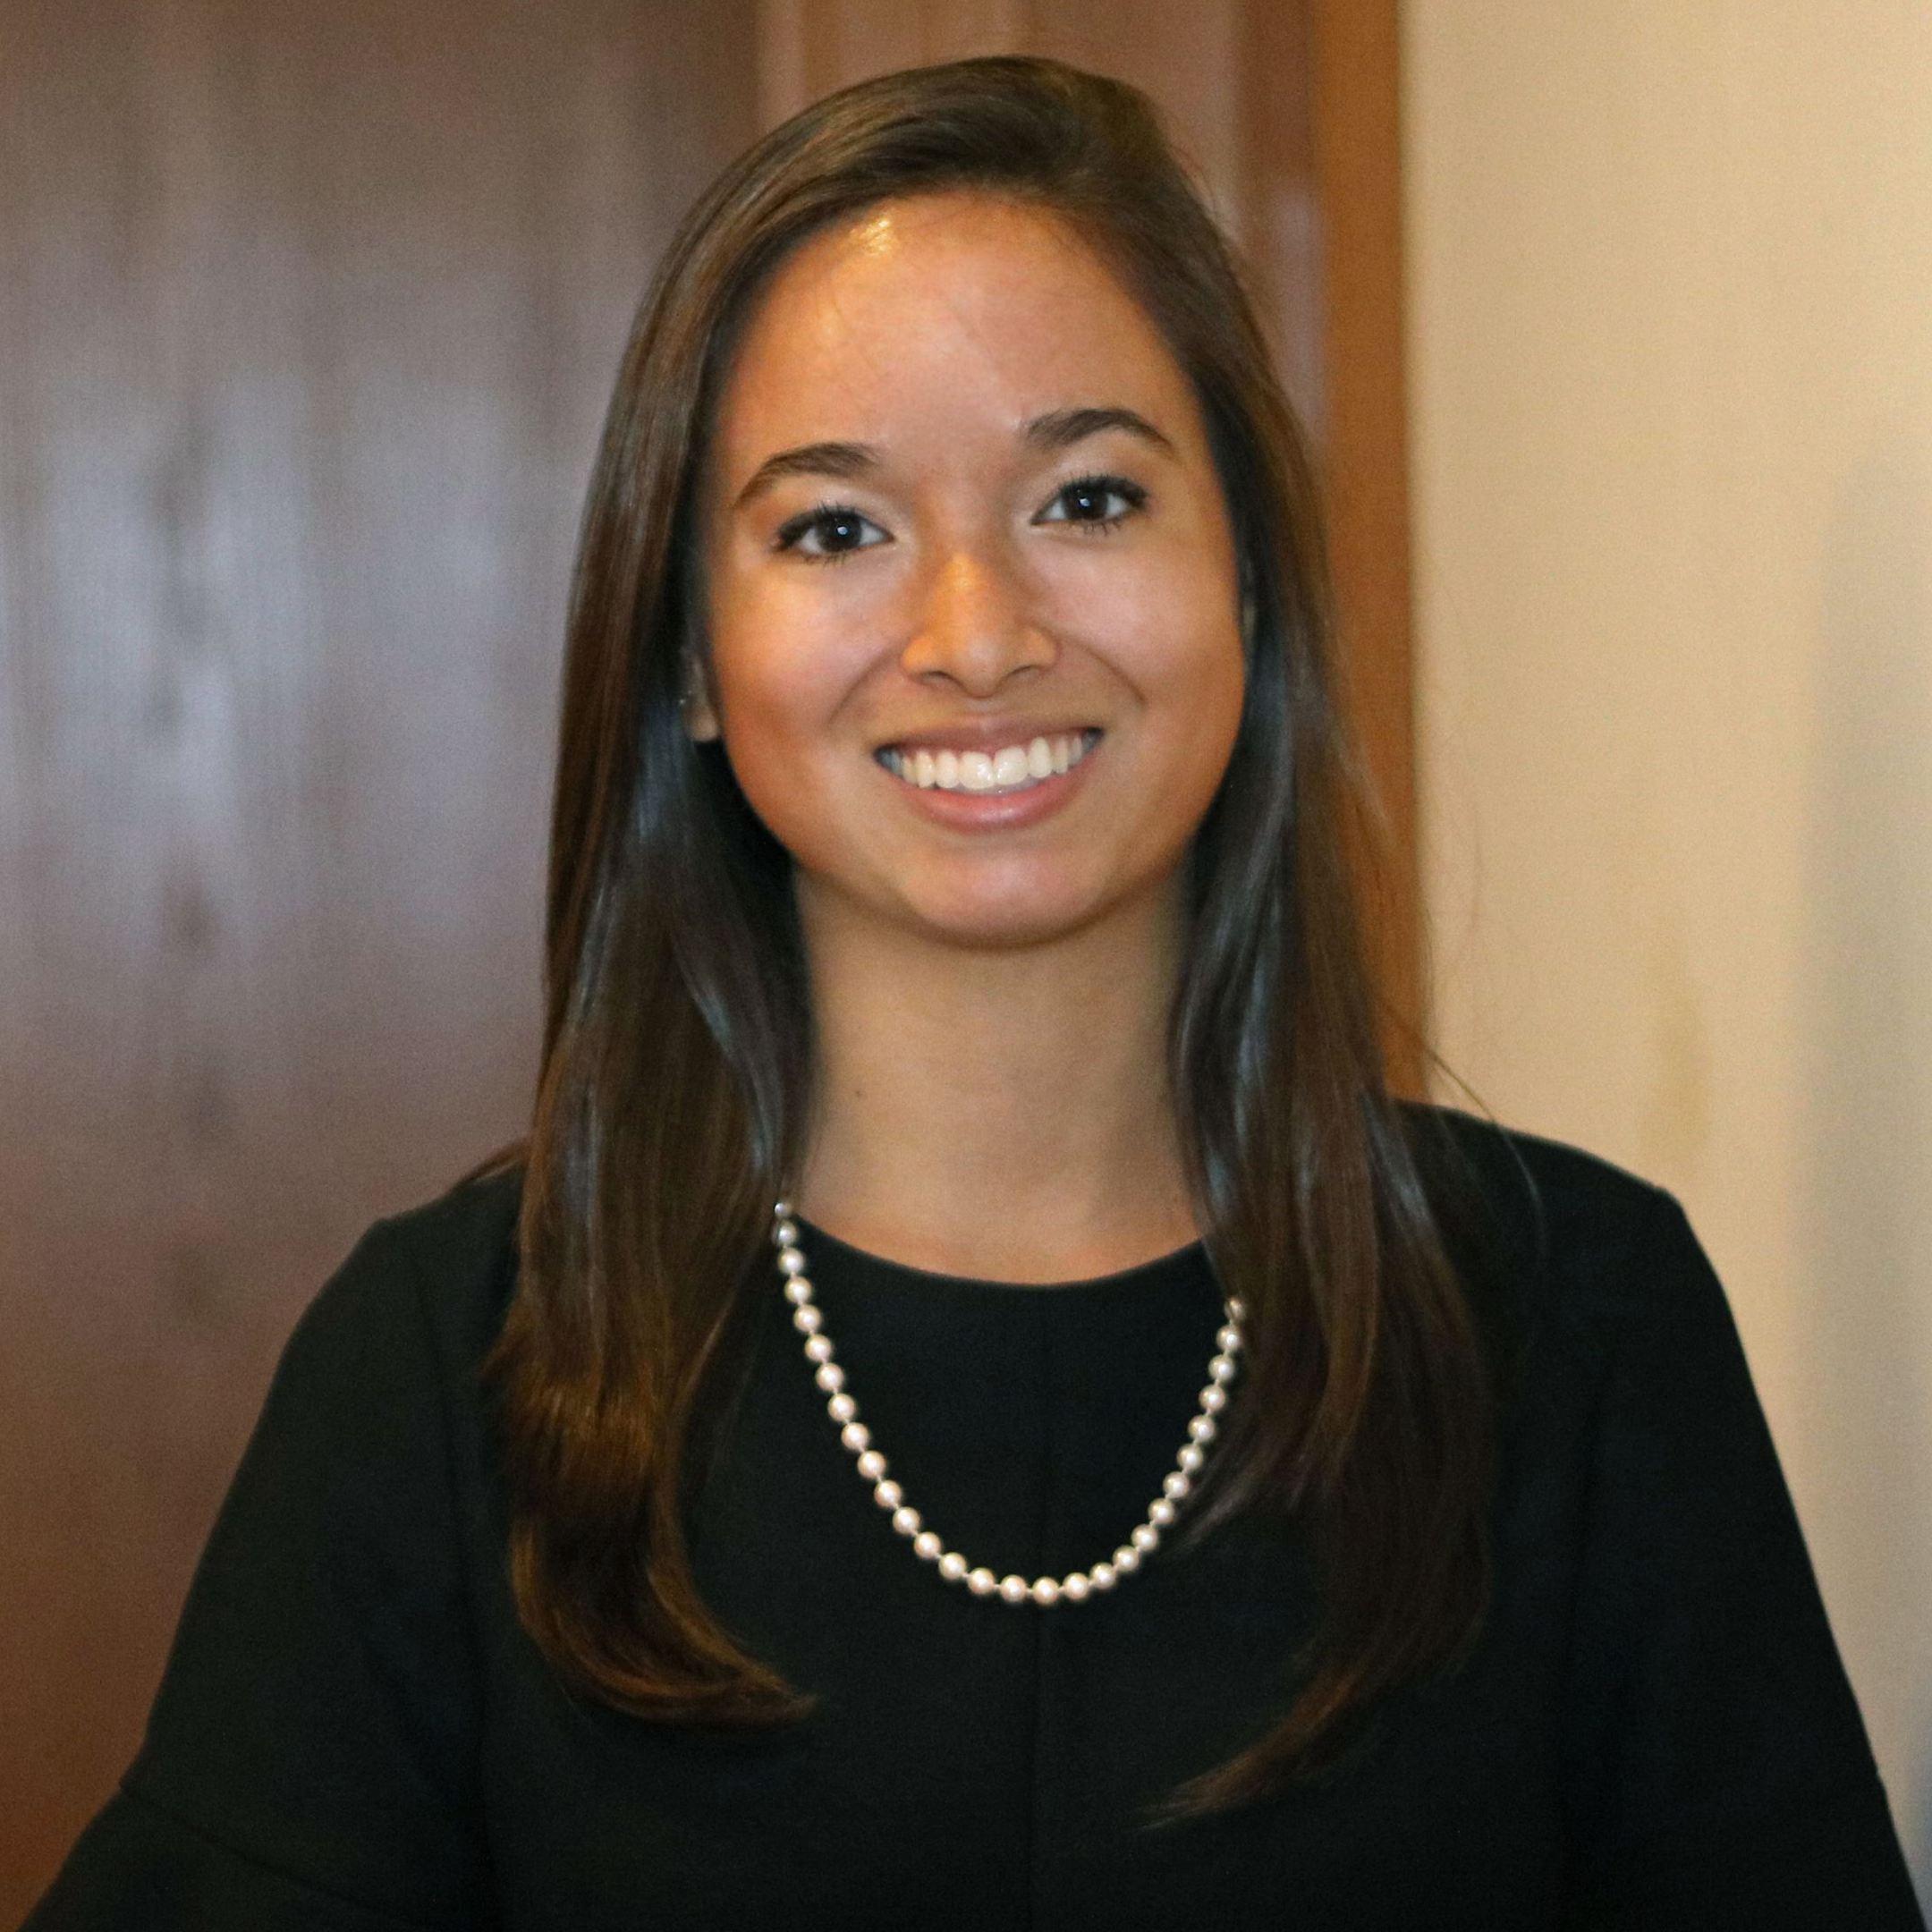 Cassandra Chee